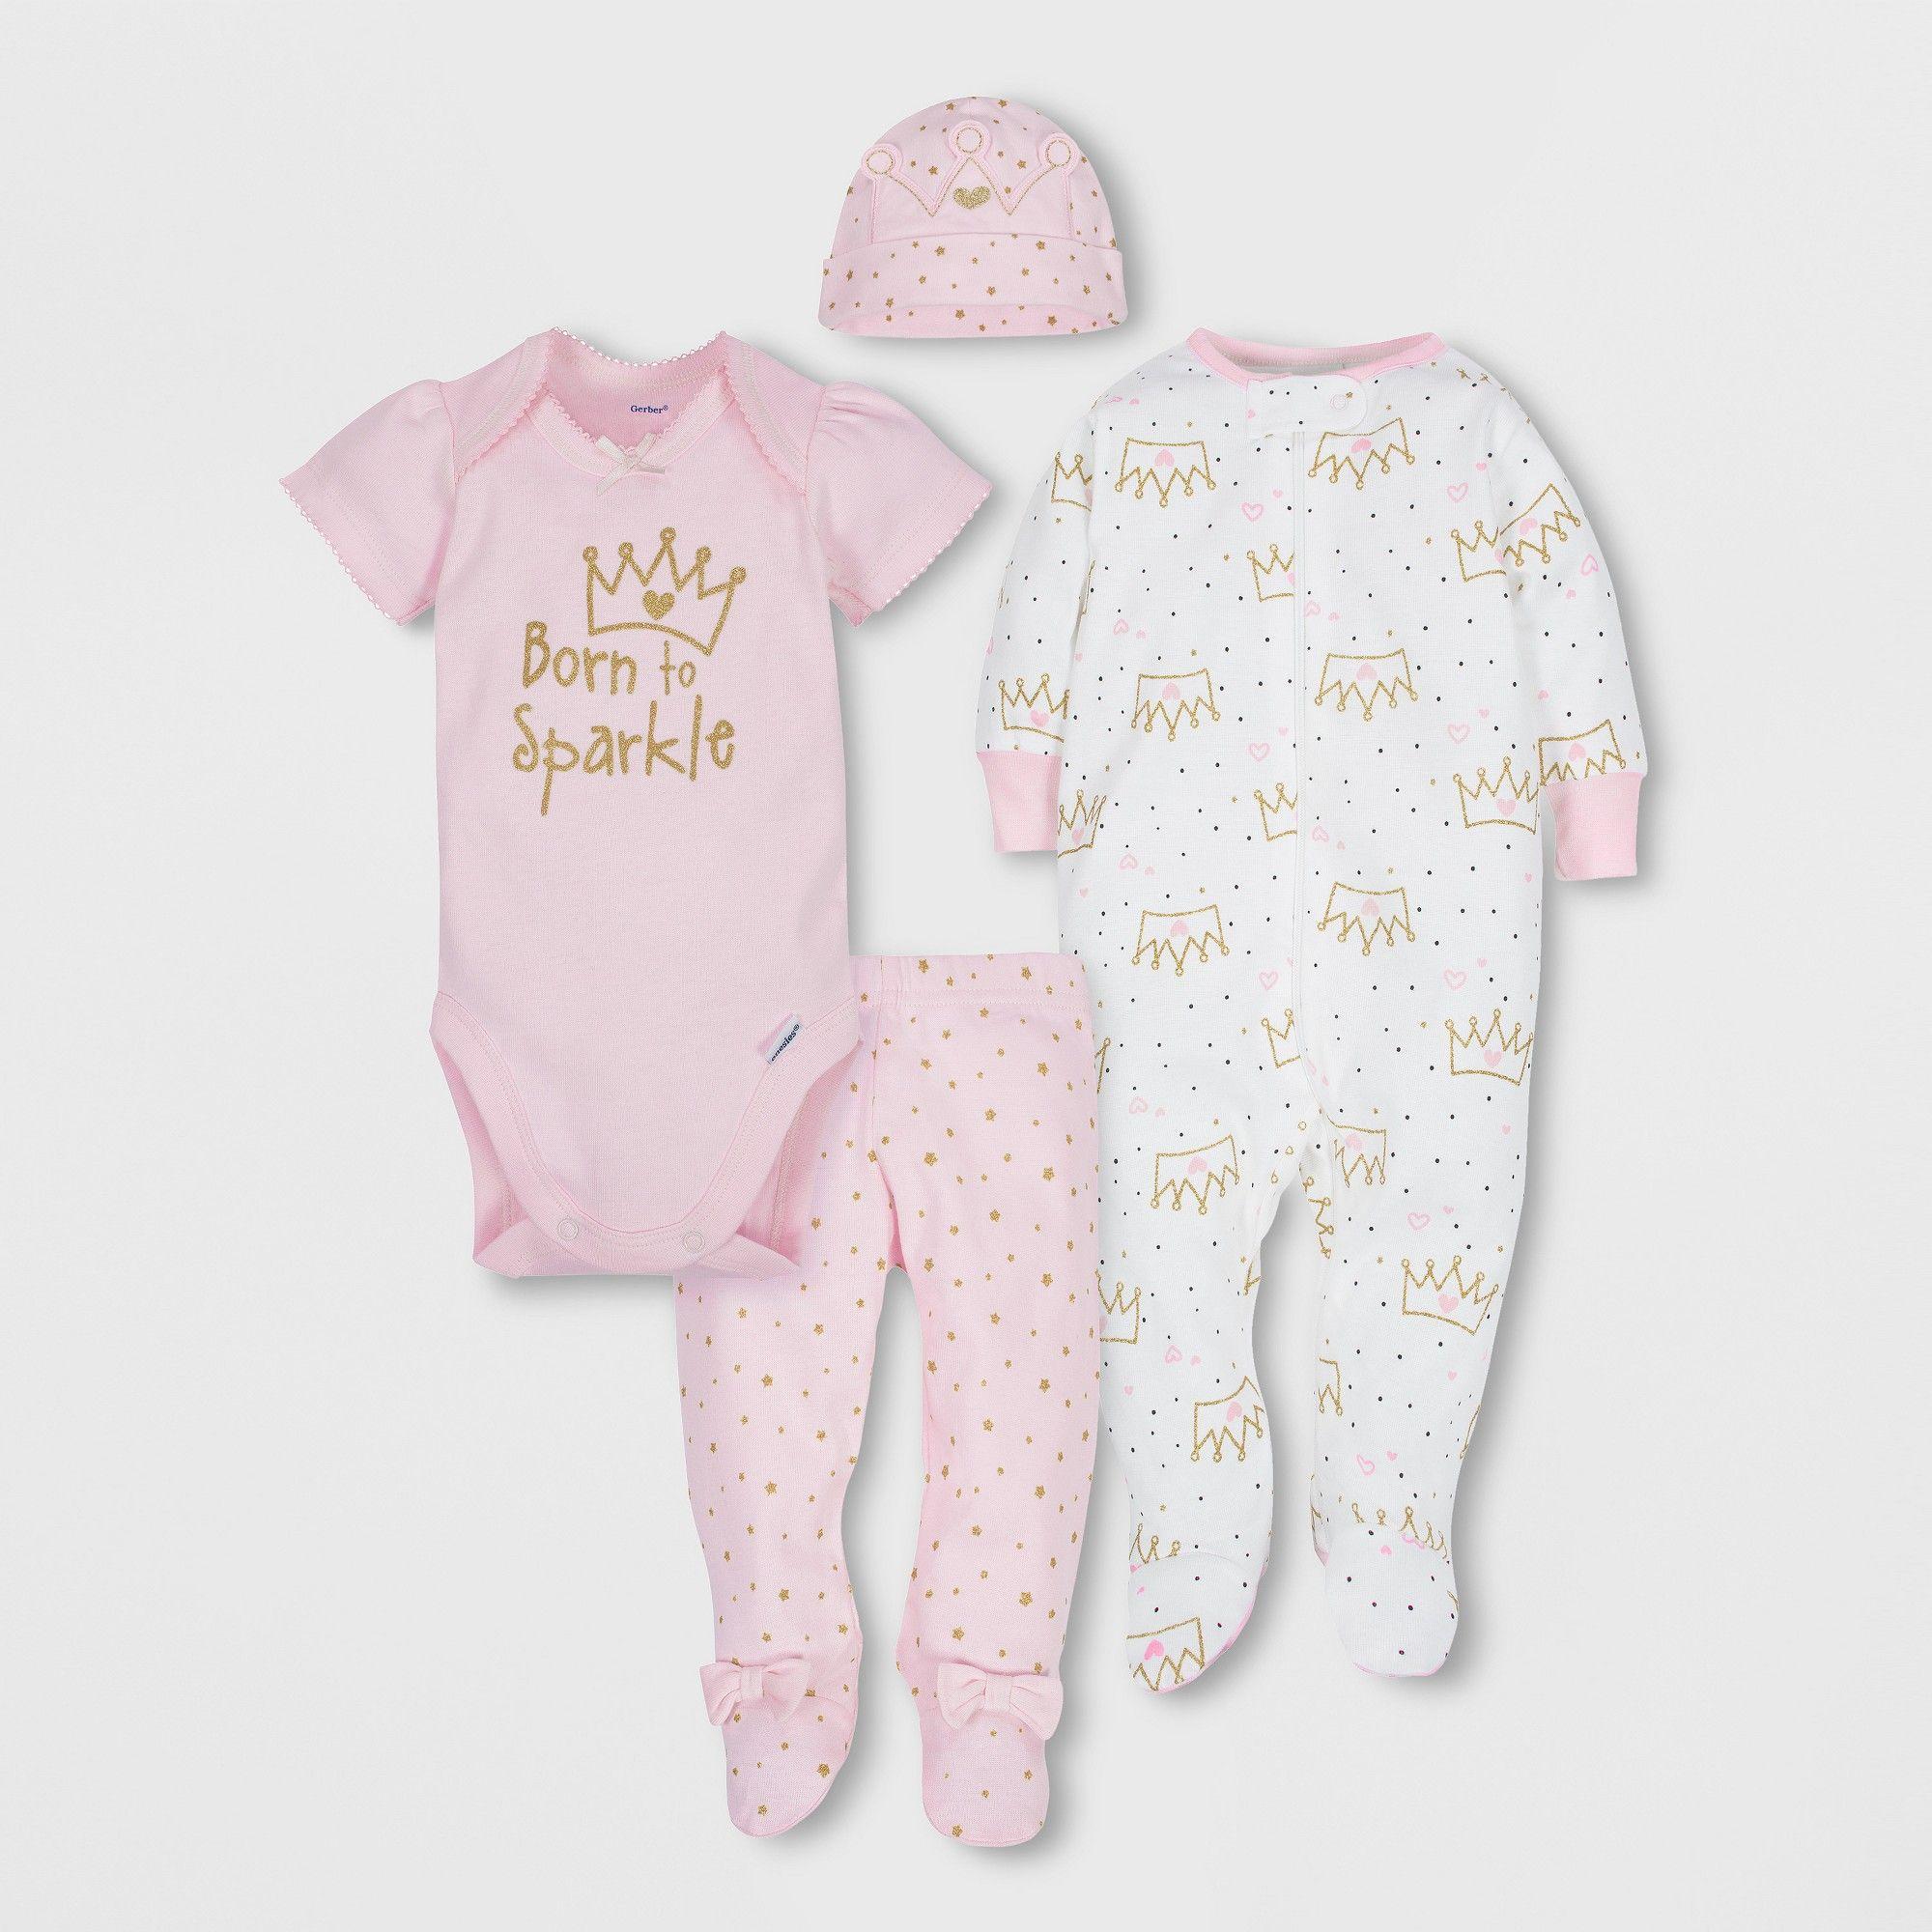 8b7fdd6cef7e Gerber Baby Girls' 4pc Short Sleeve Bodysuit, Long Sleeve Sleeper ...